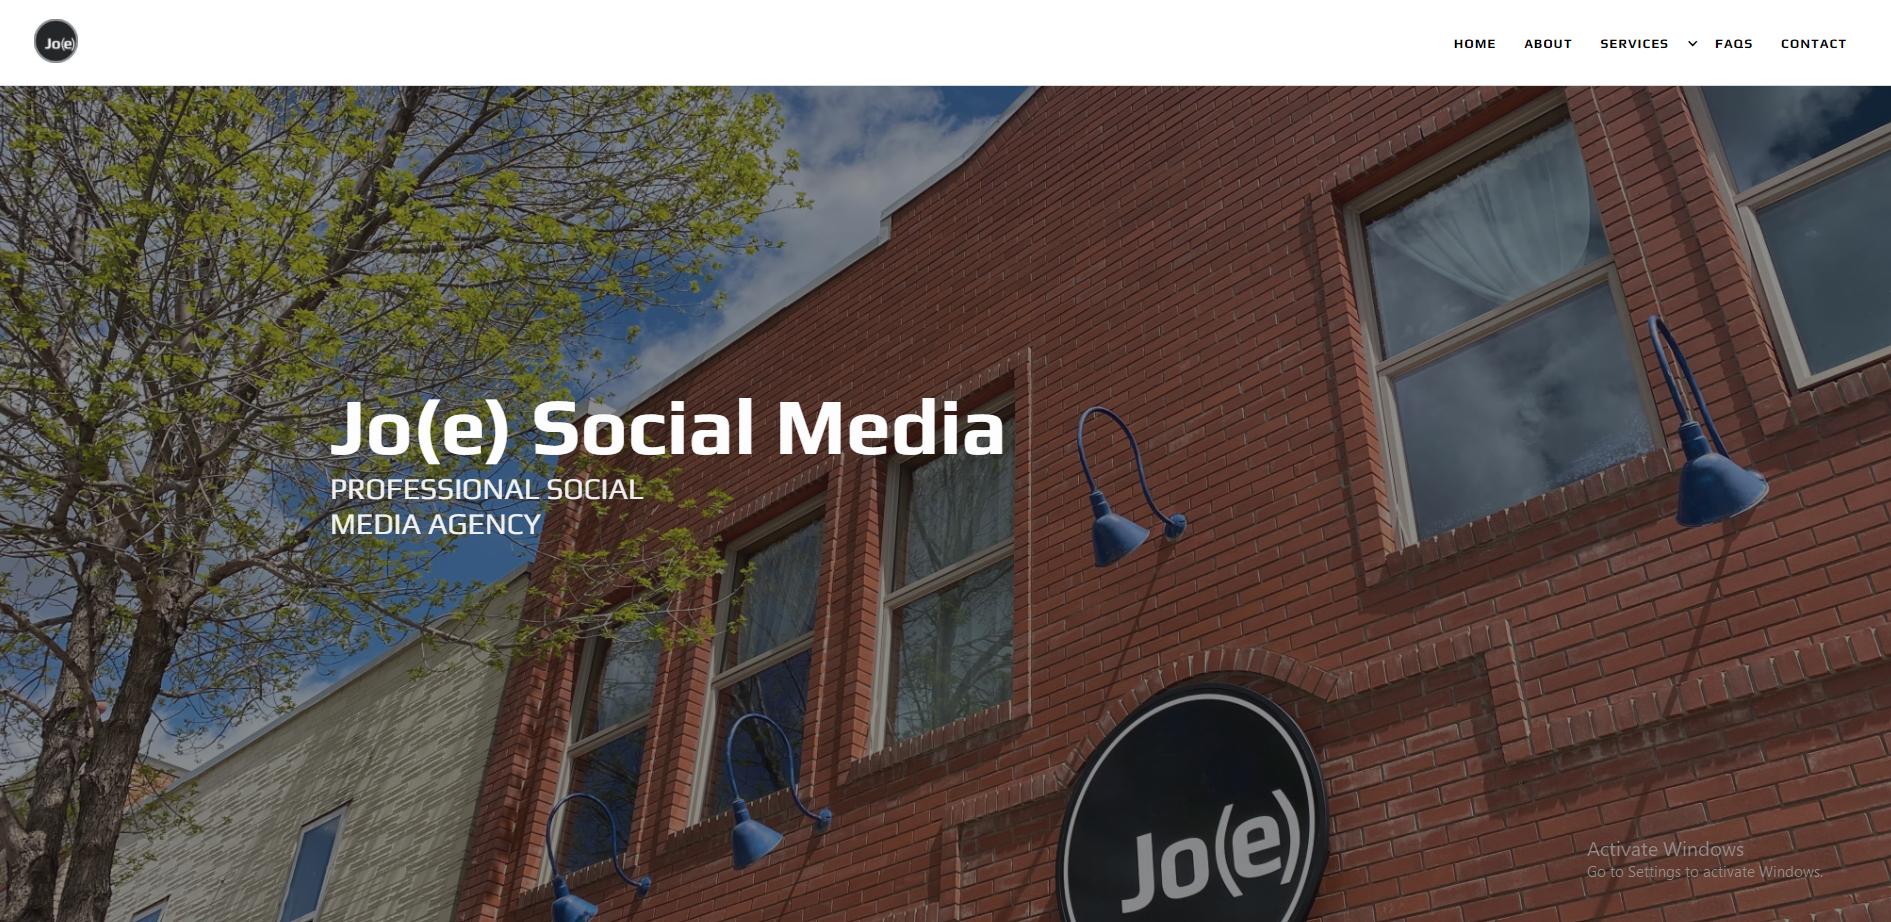 Jo(e) Social Media Page